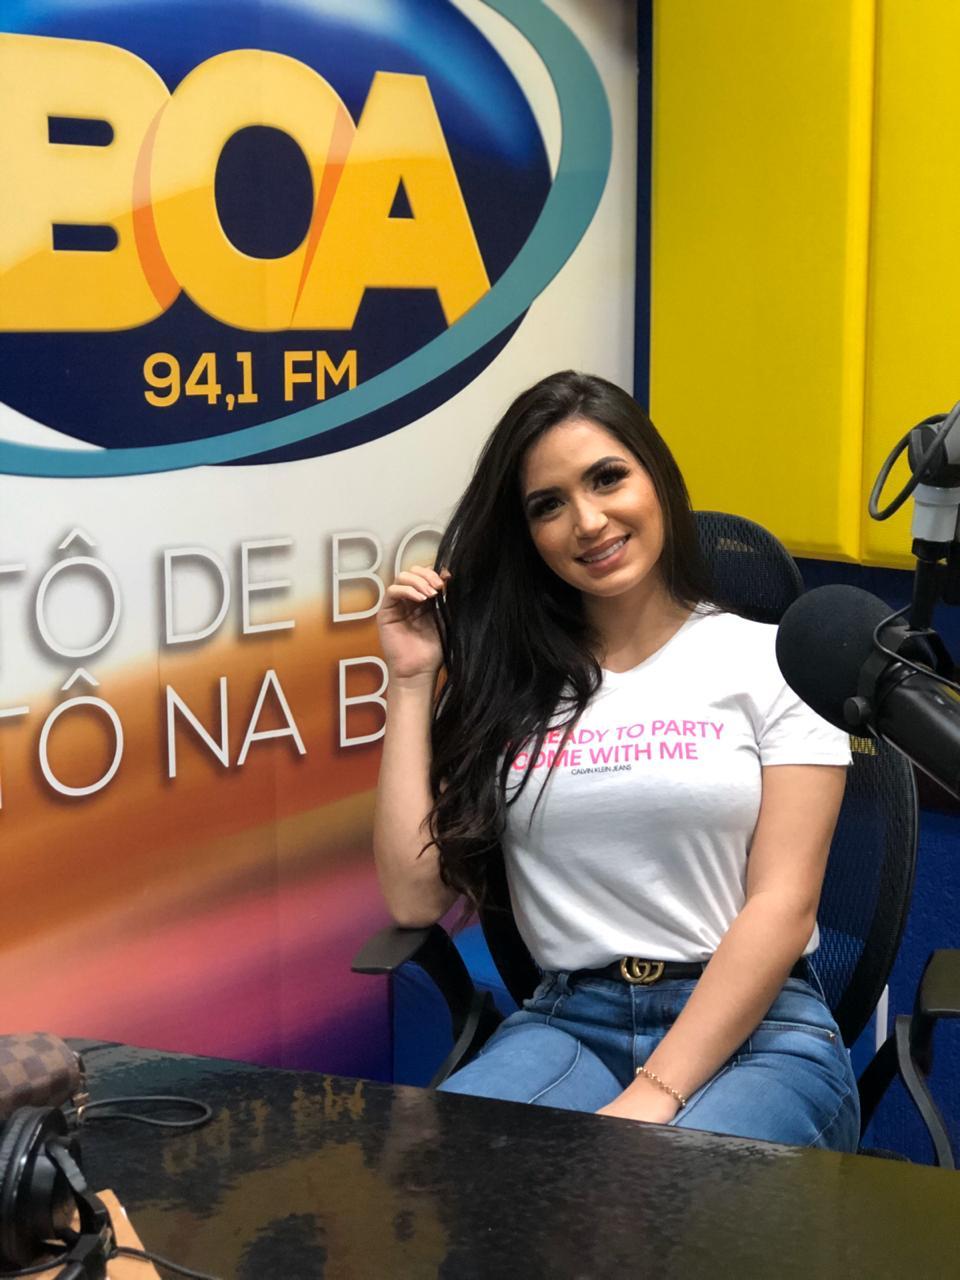 Influencer Fernanda Aguiar esclarece suposto caso com cantor de forró  - Imagem 1